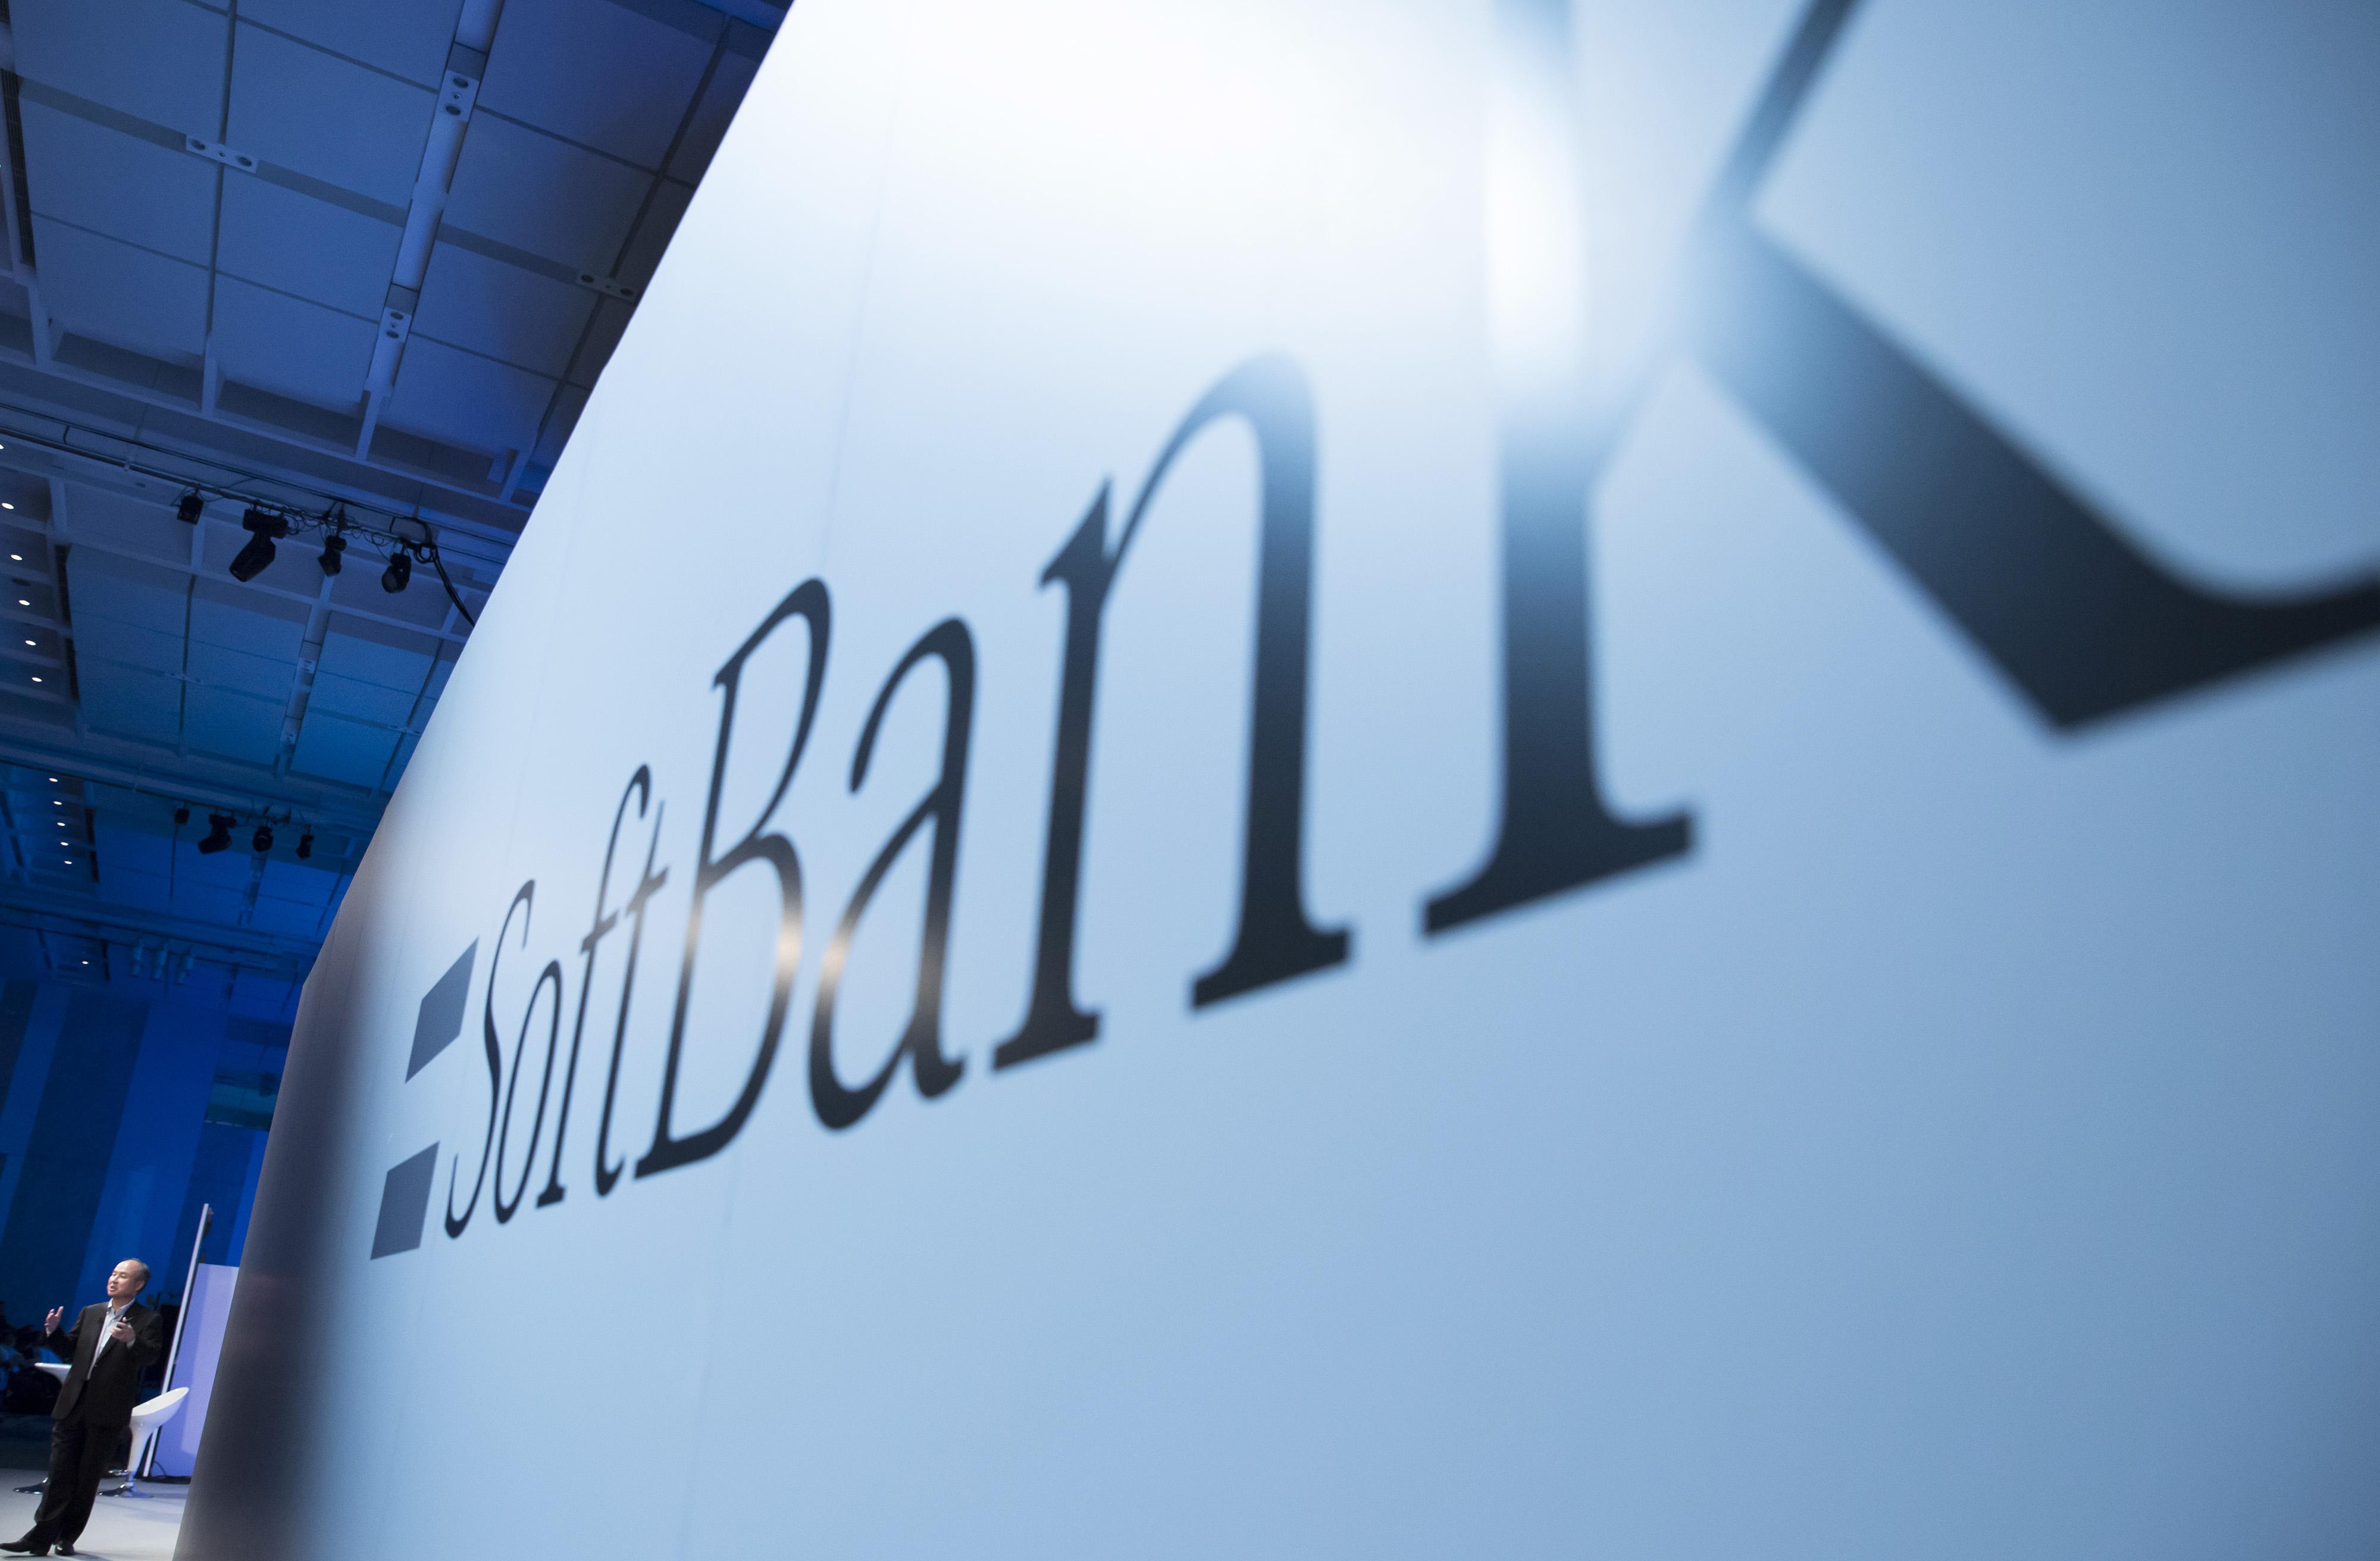 Looking back at SoftBank's big year